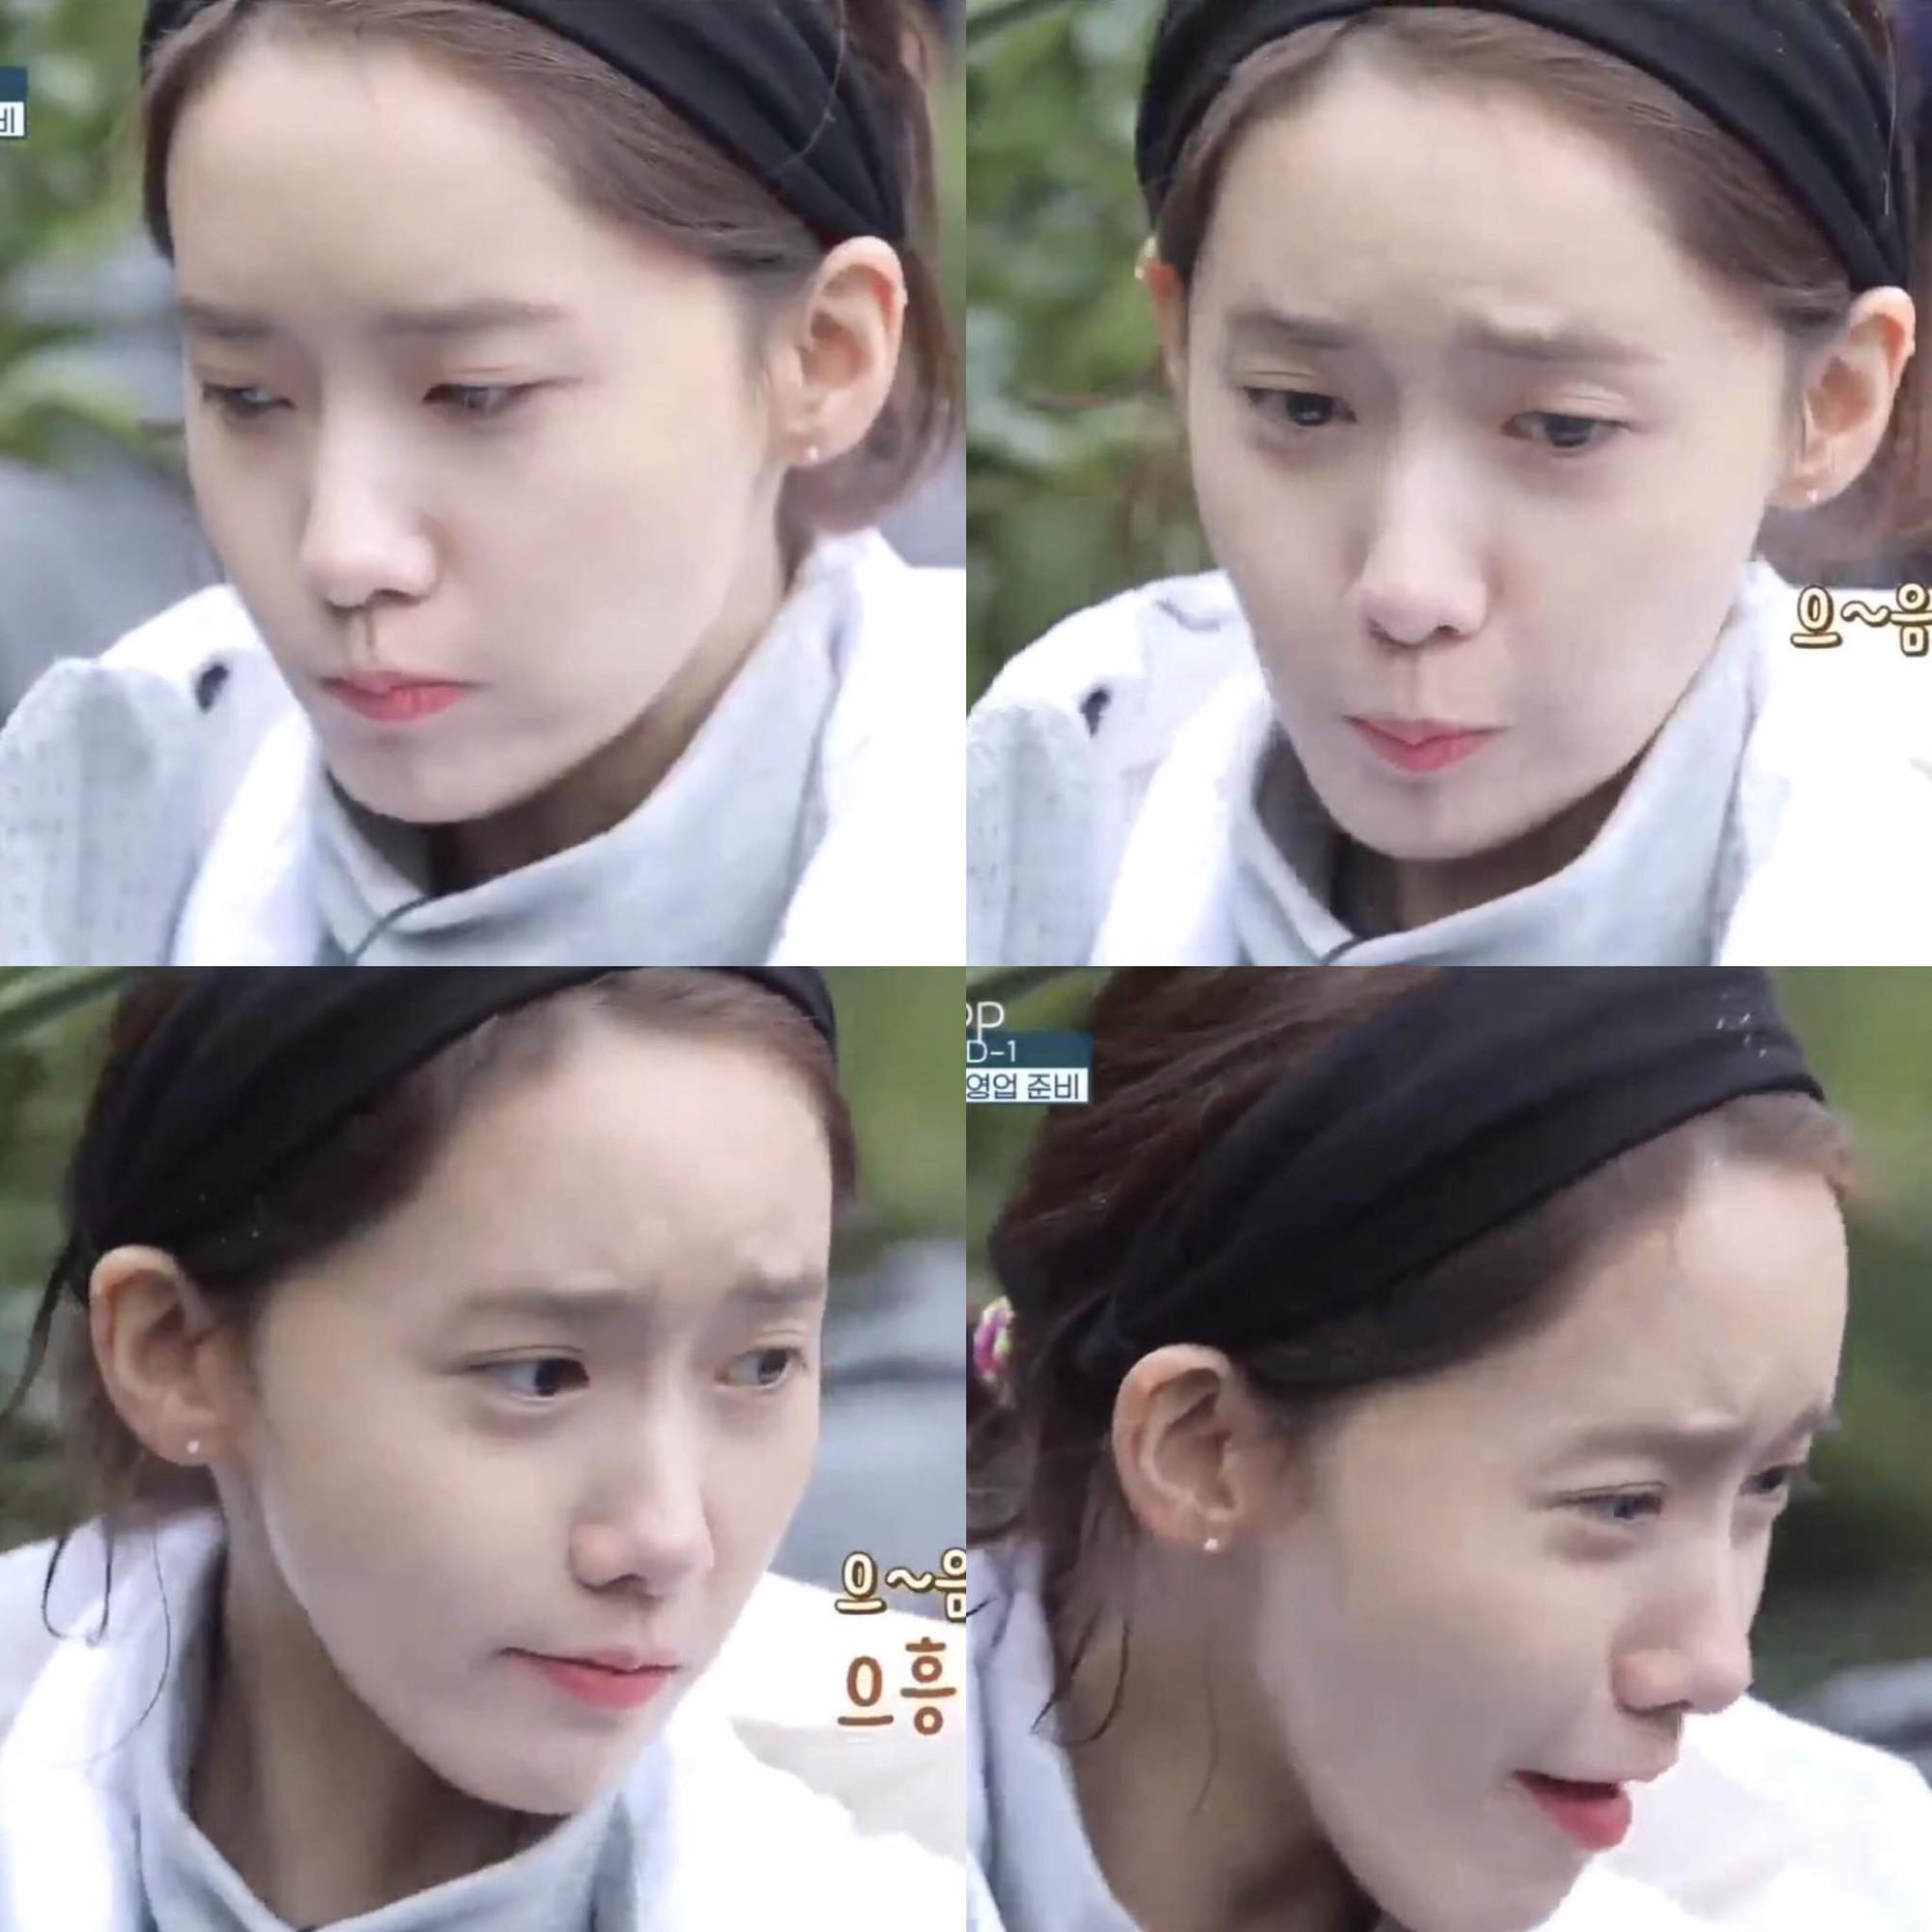 Thời này là phải đọ mặt mộc 100% tự nhiên của dàn mỹ nhân Kpop mới biết ai xứng danh nữ thần - Ảnh 7.